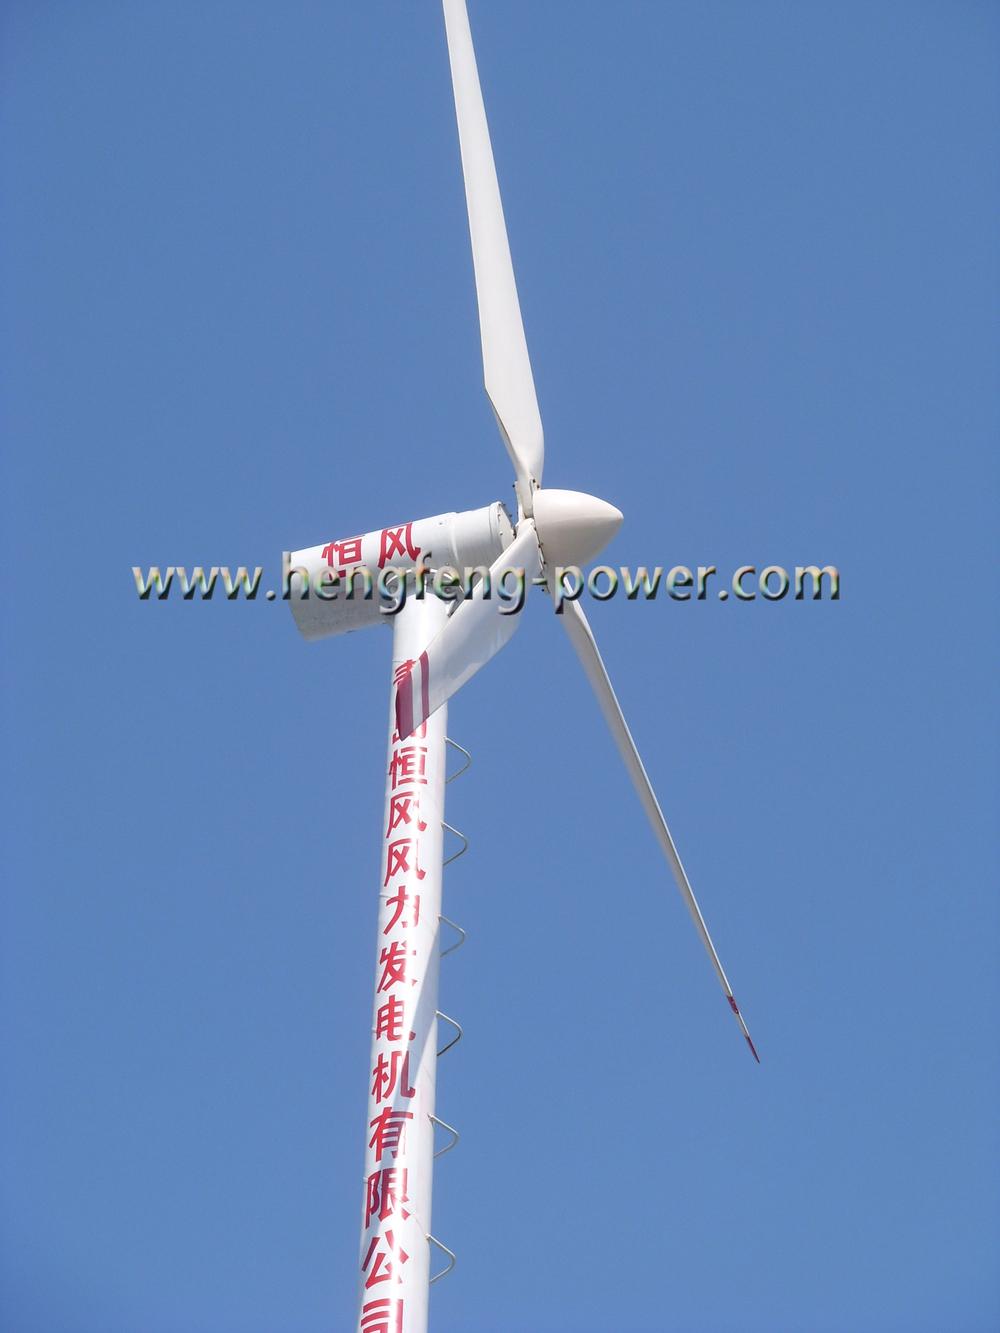 China wind energy china wholesale 🇨🇳 - Alibaba